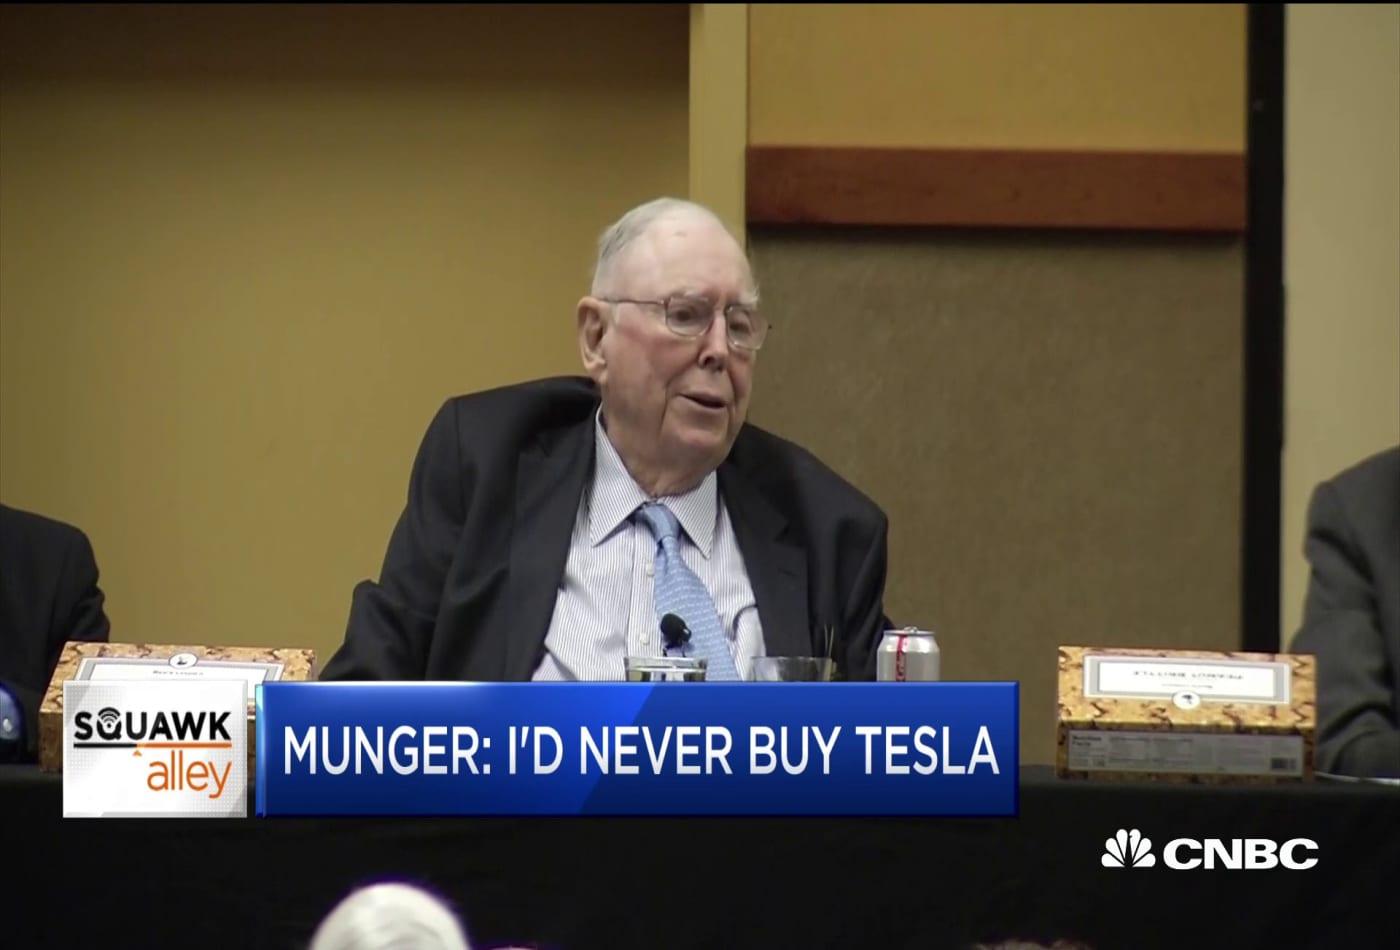 Berkshire Hathaway's Charlie Munger: I'd never buy Tesla